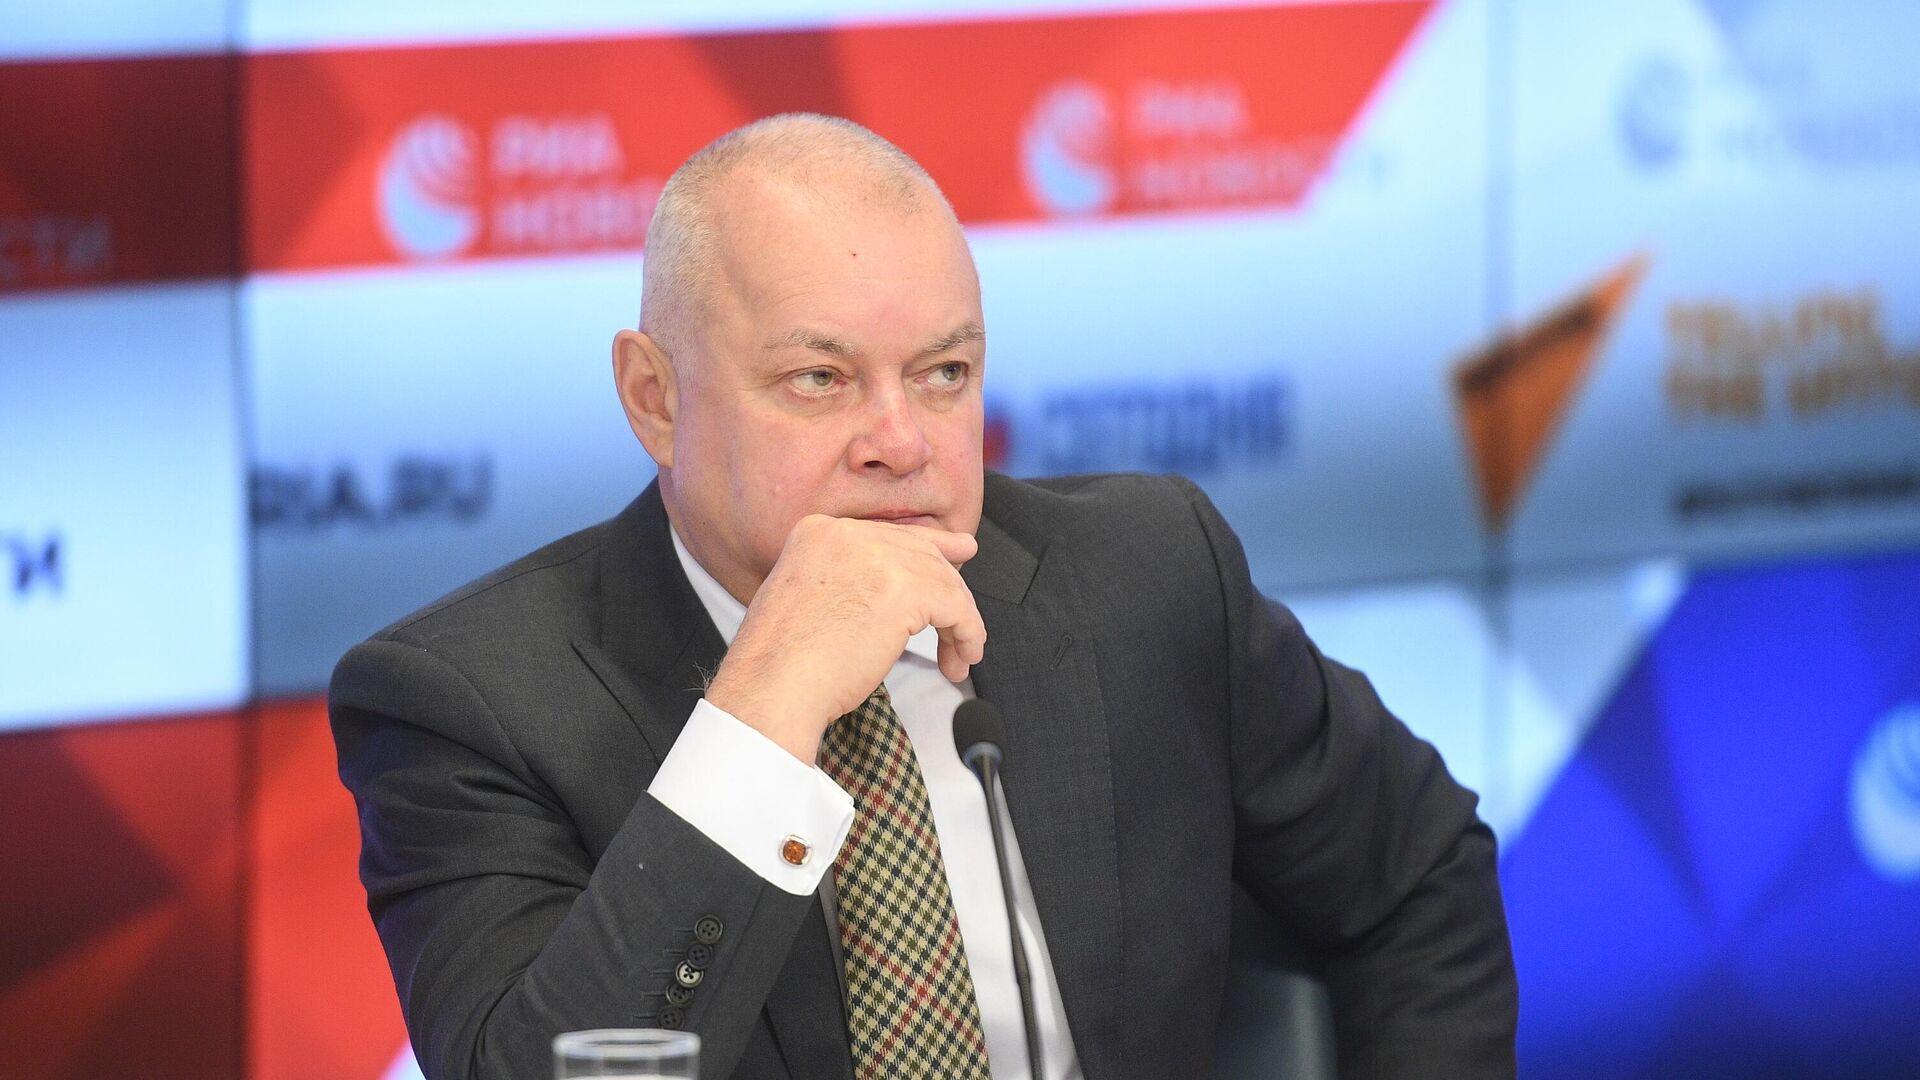 Генеральный директор МИА Россия сегодня Дмитрий Киселев - РИА Новости, 1920, 04.12.2020